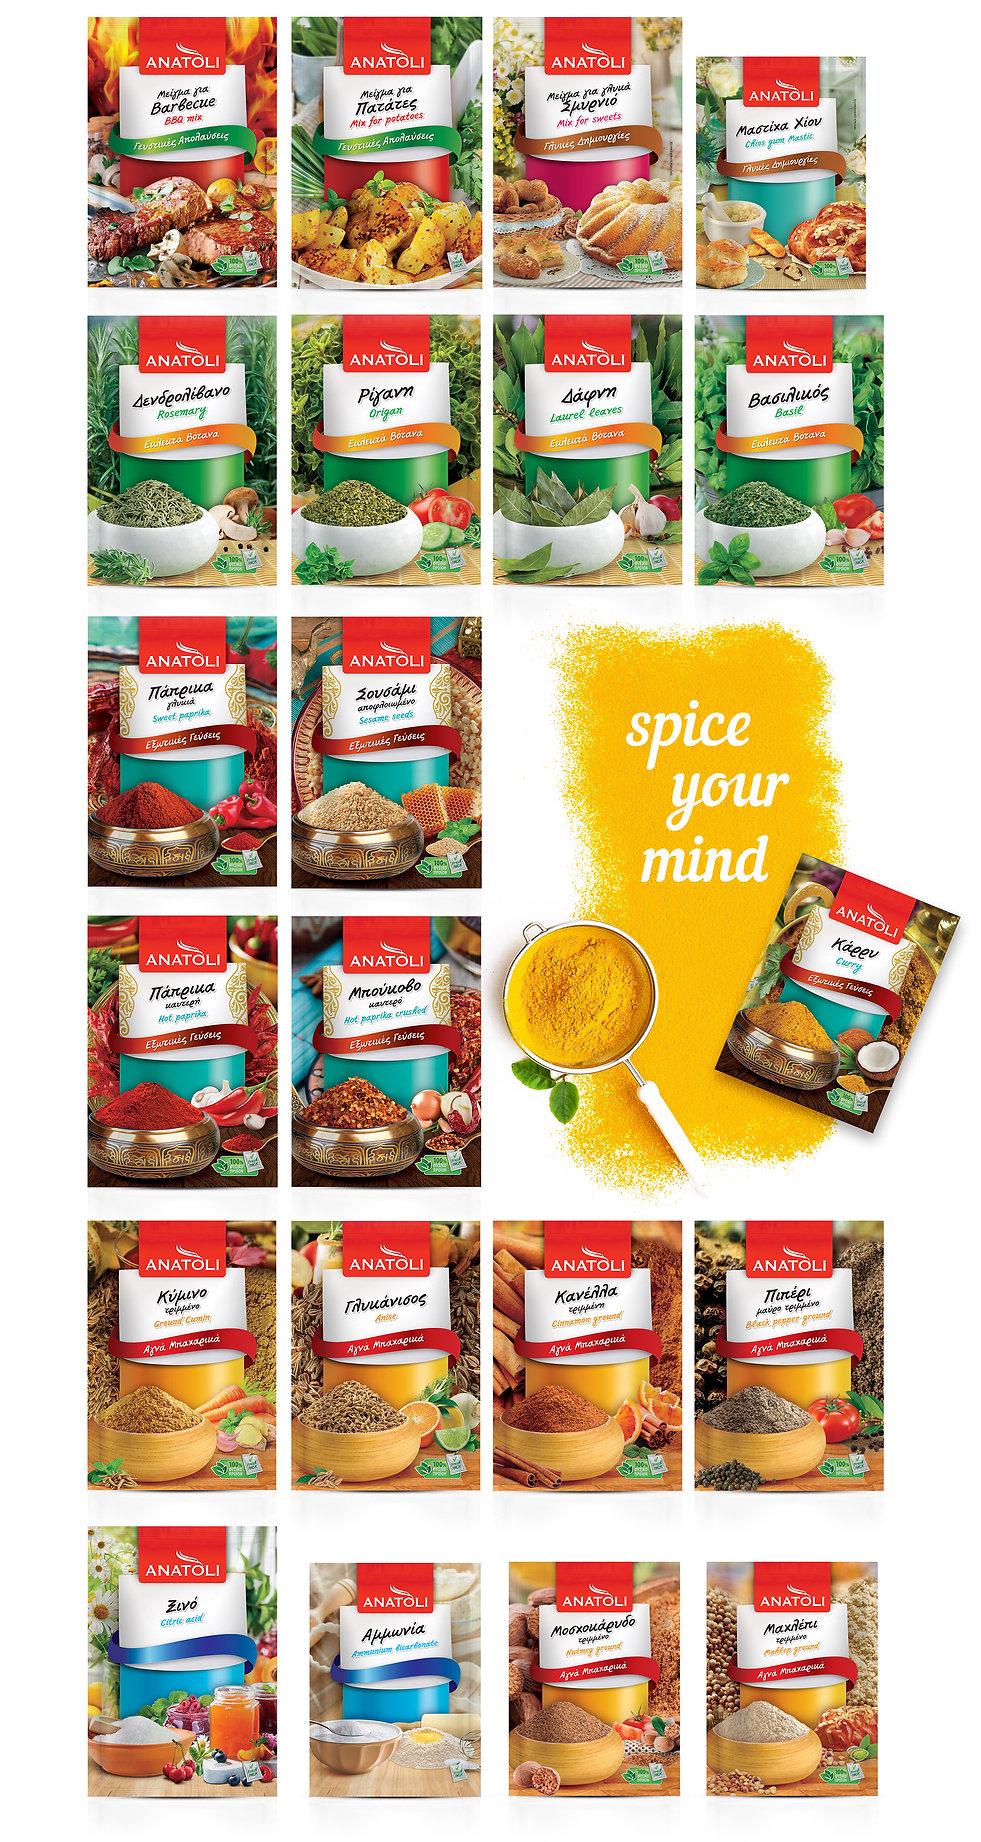 Anatoli spices